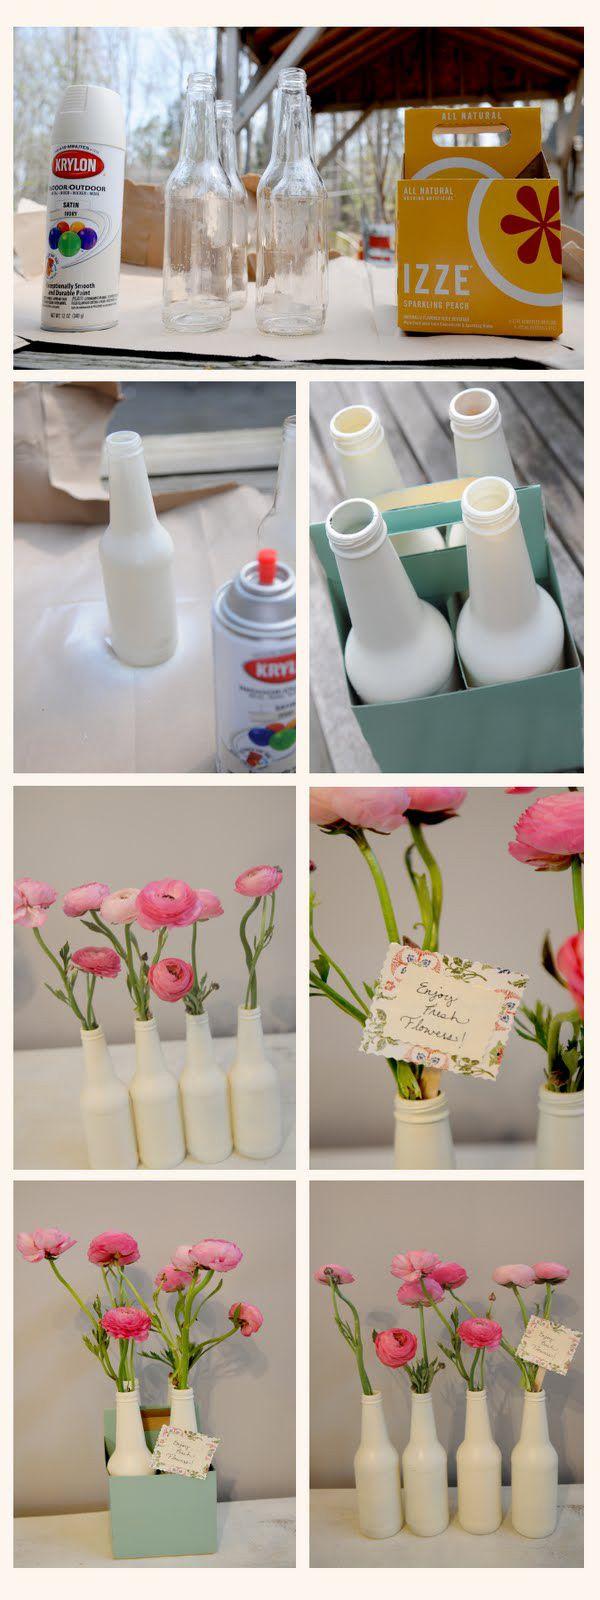 Otra forma de decorar botellas de vidrio